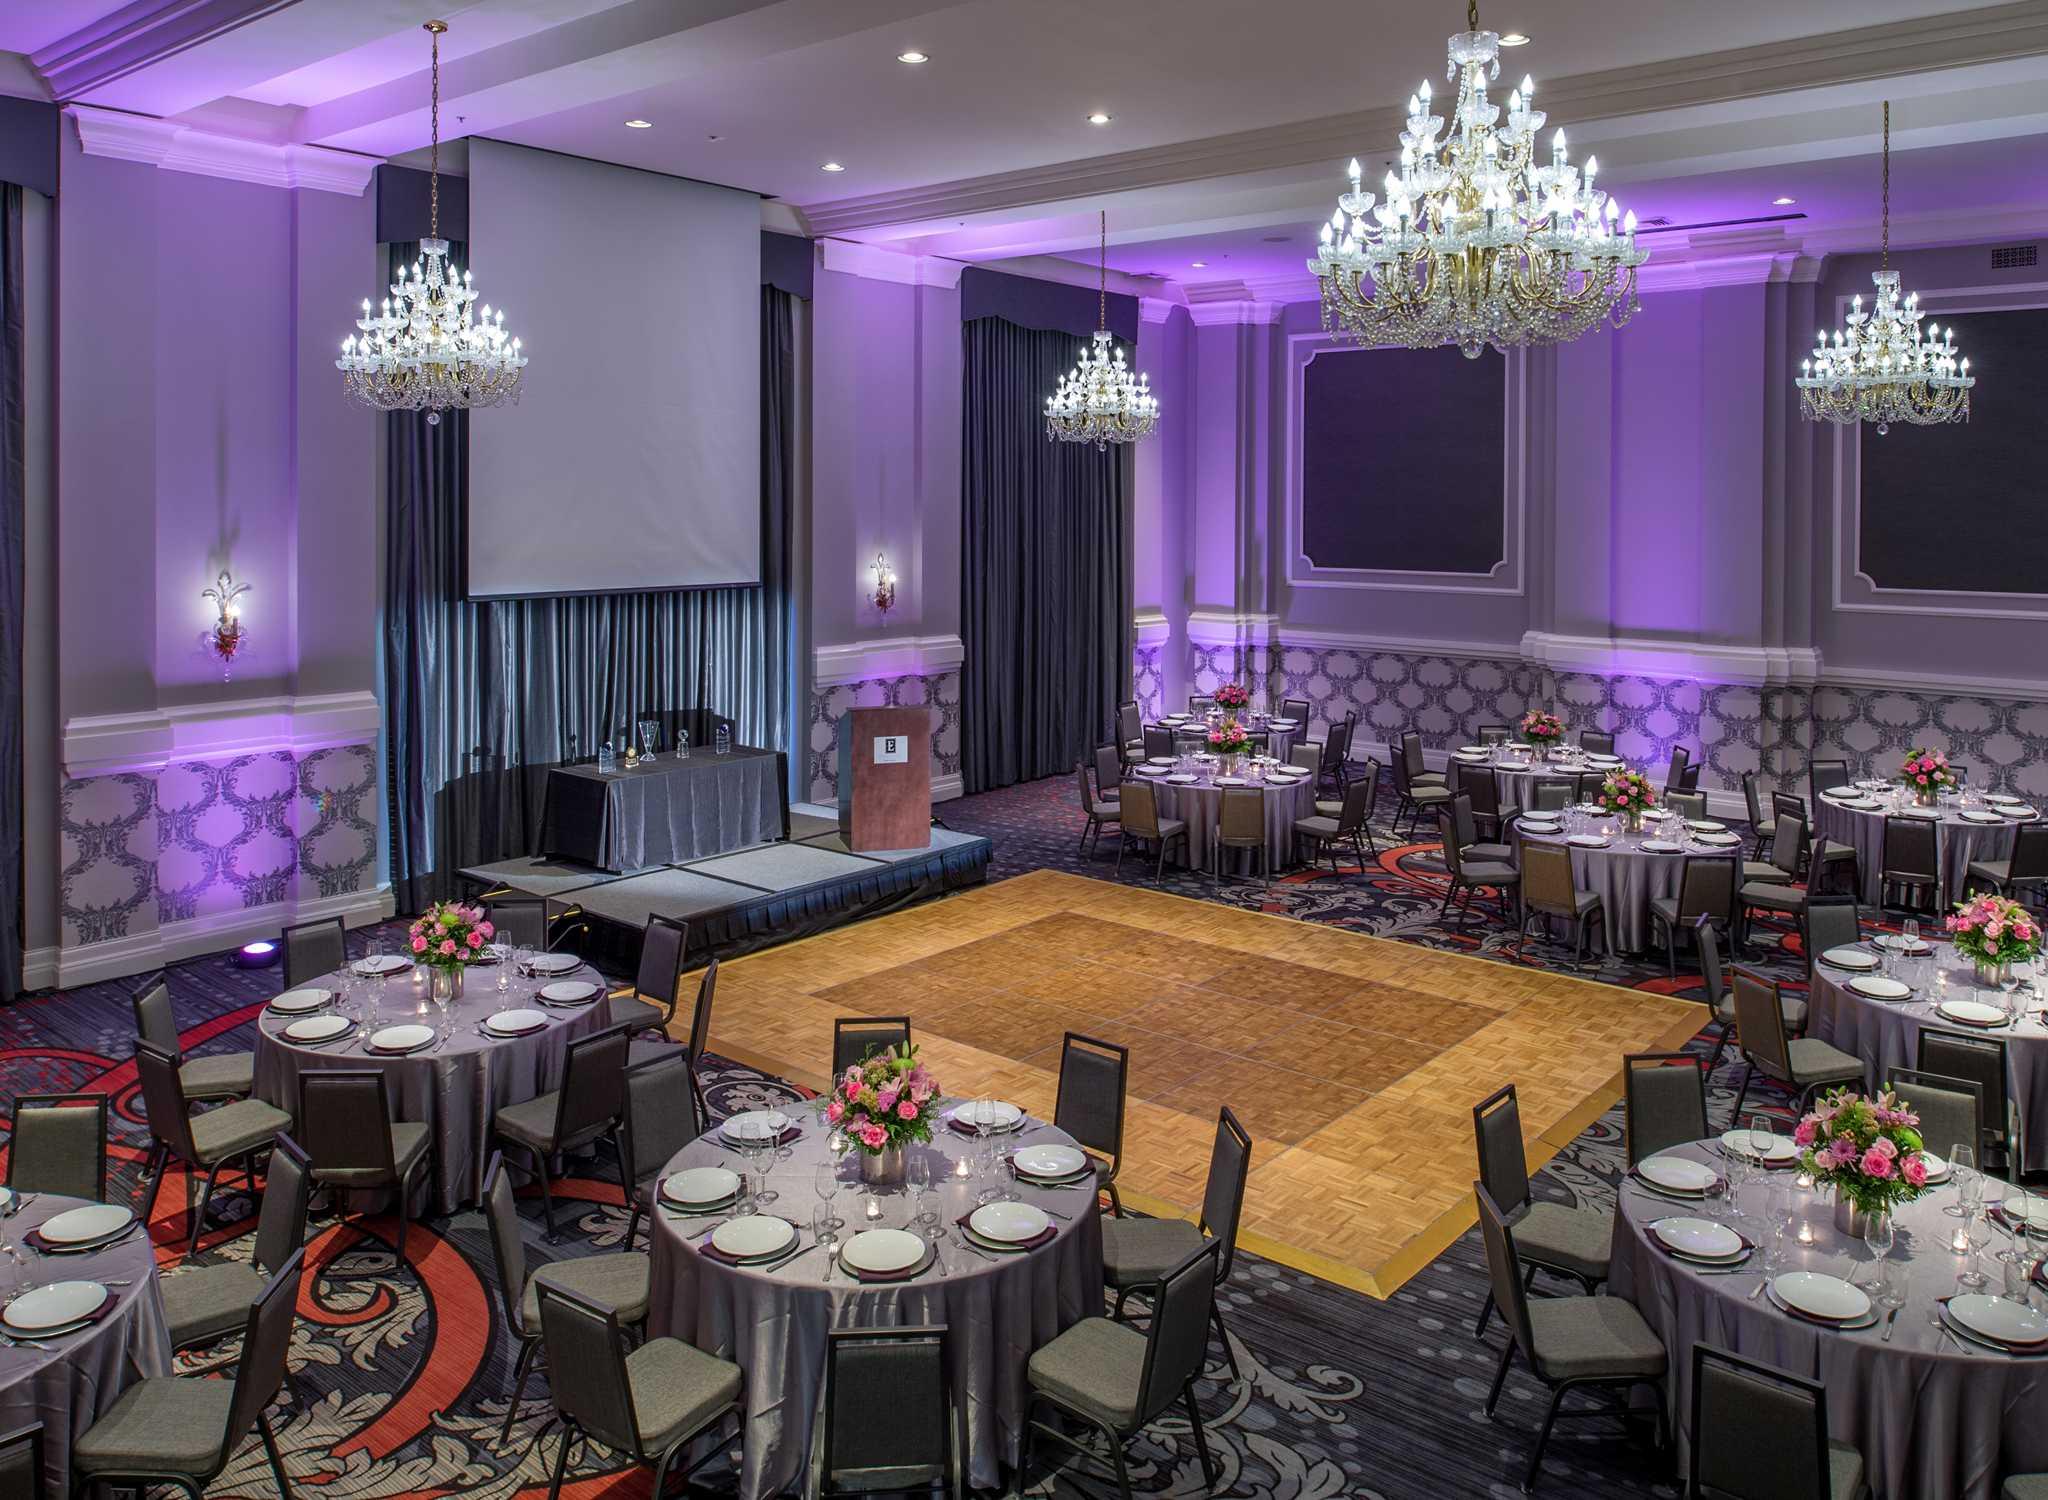 embassy suites portland downtown hotel. Black Bedroom Furniture Sets. Home Design Ideas